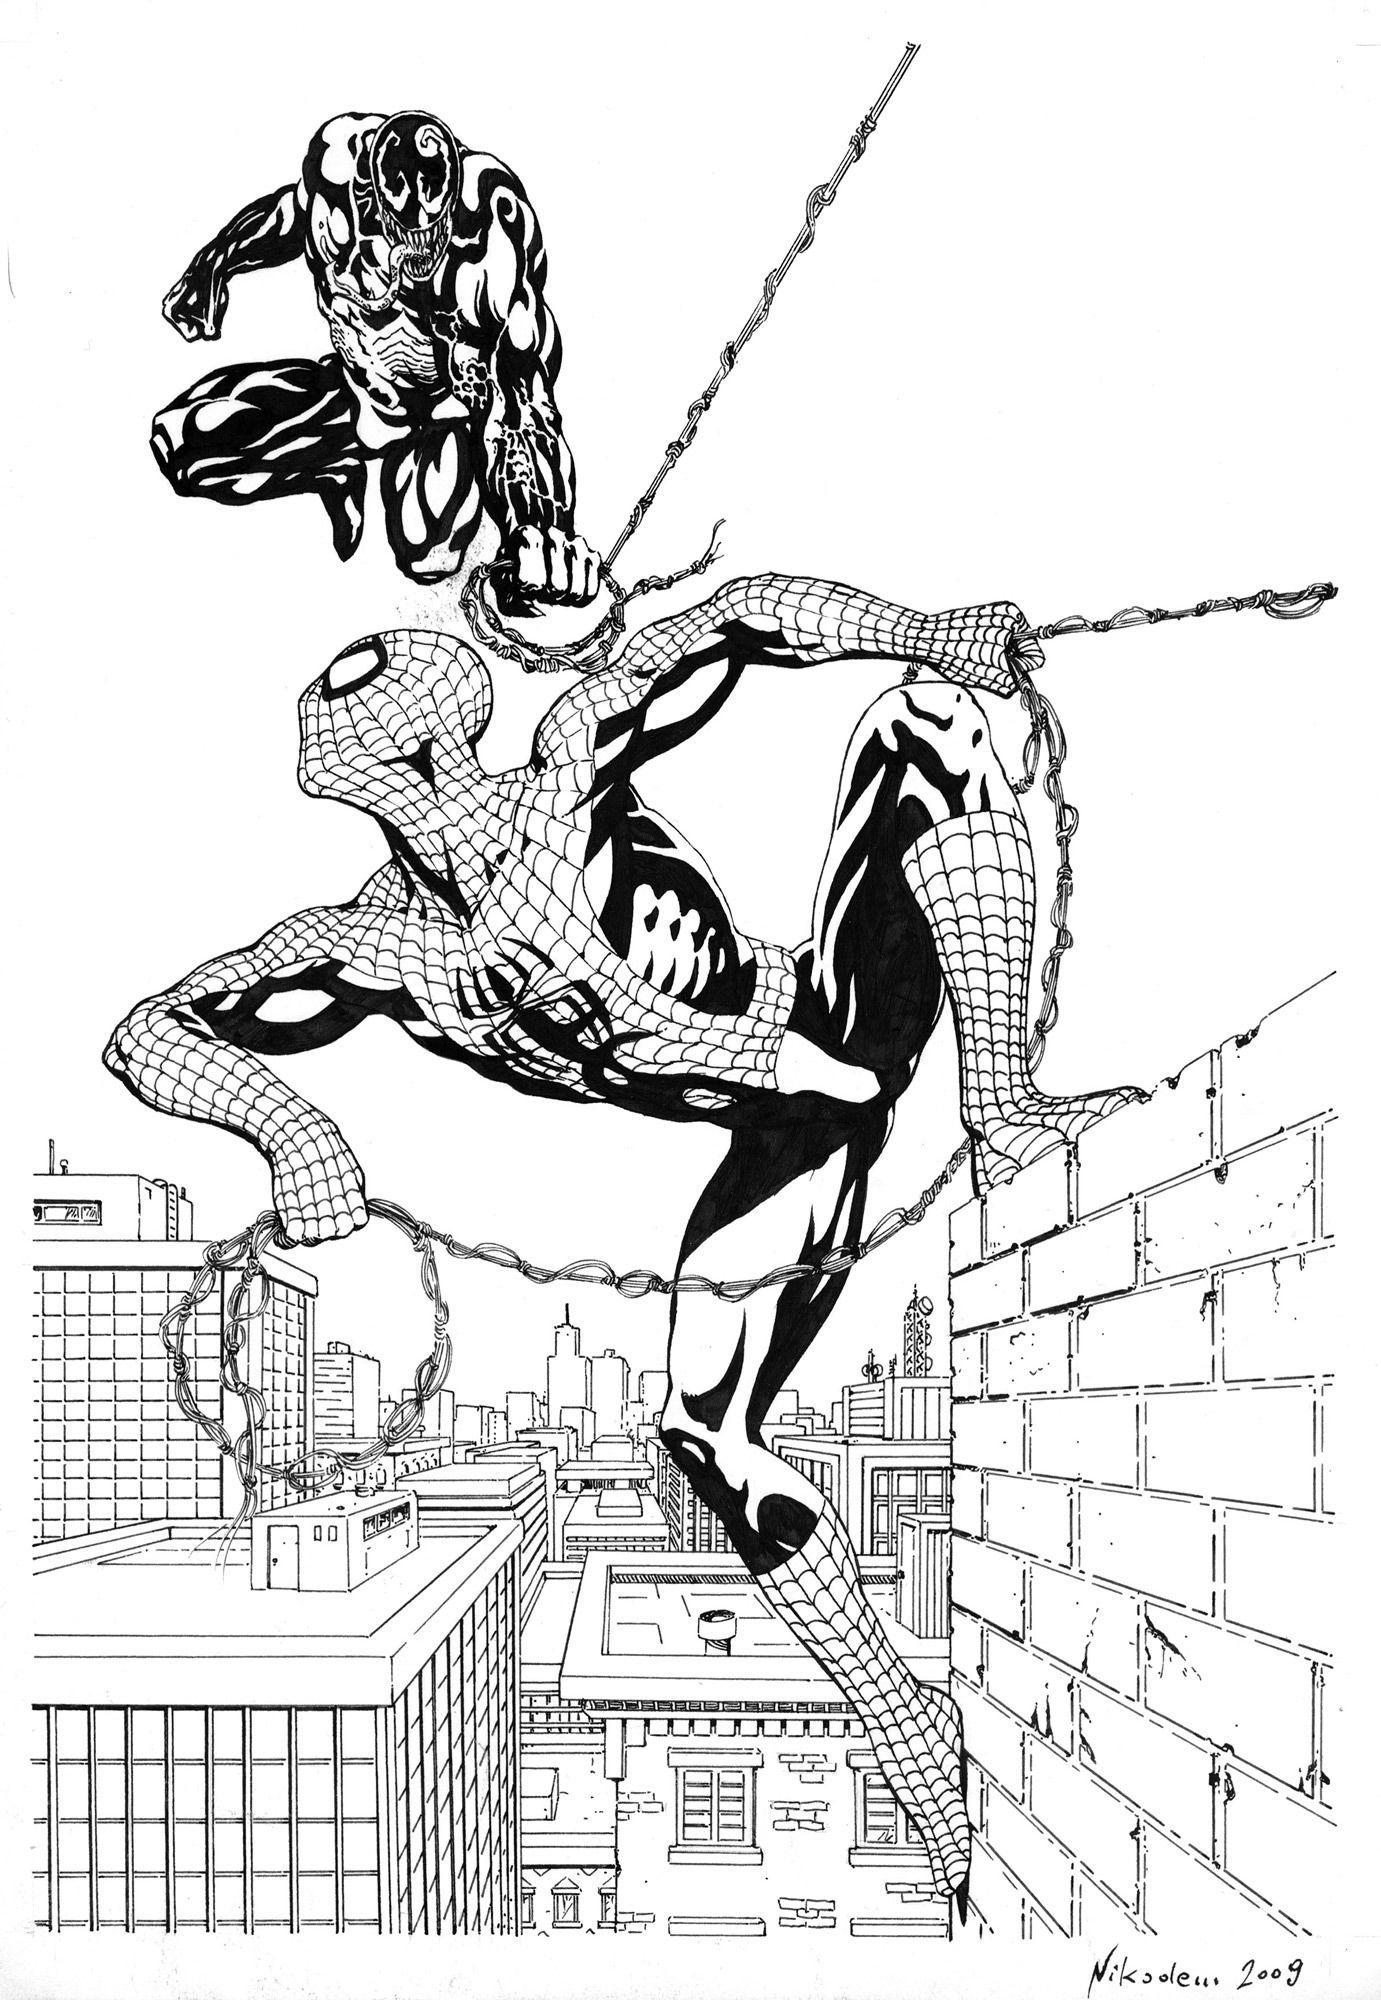 Spider-man vs Venom - fanart